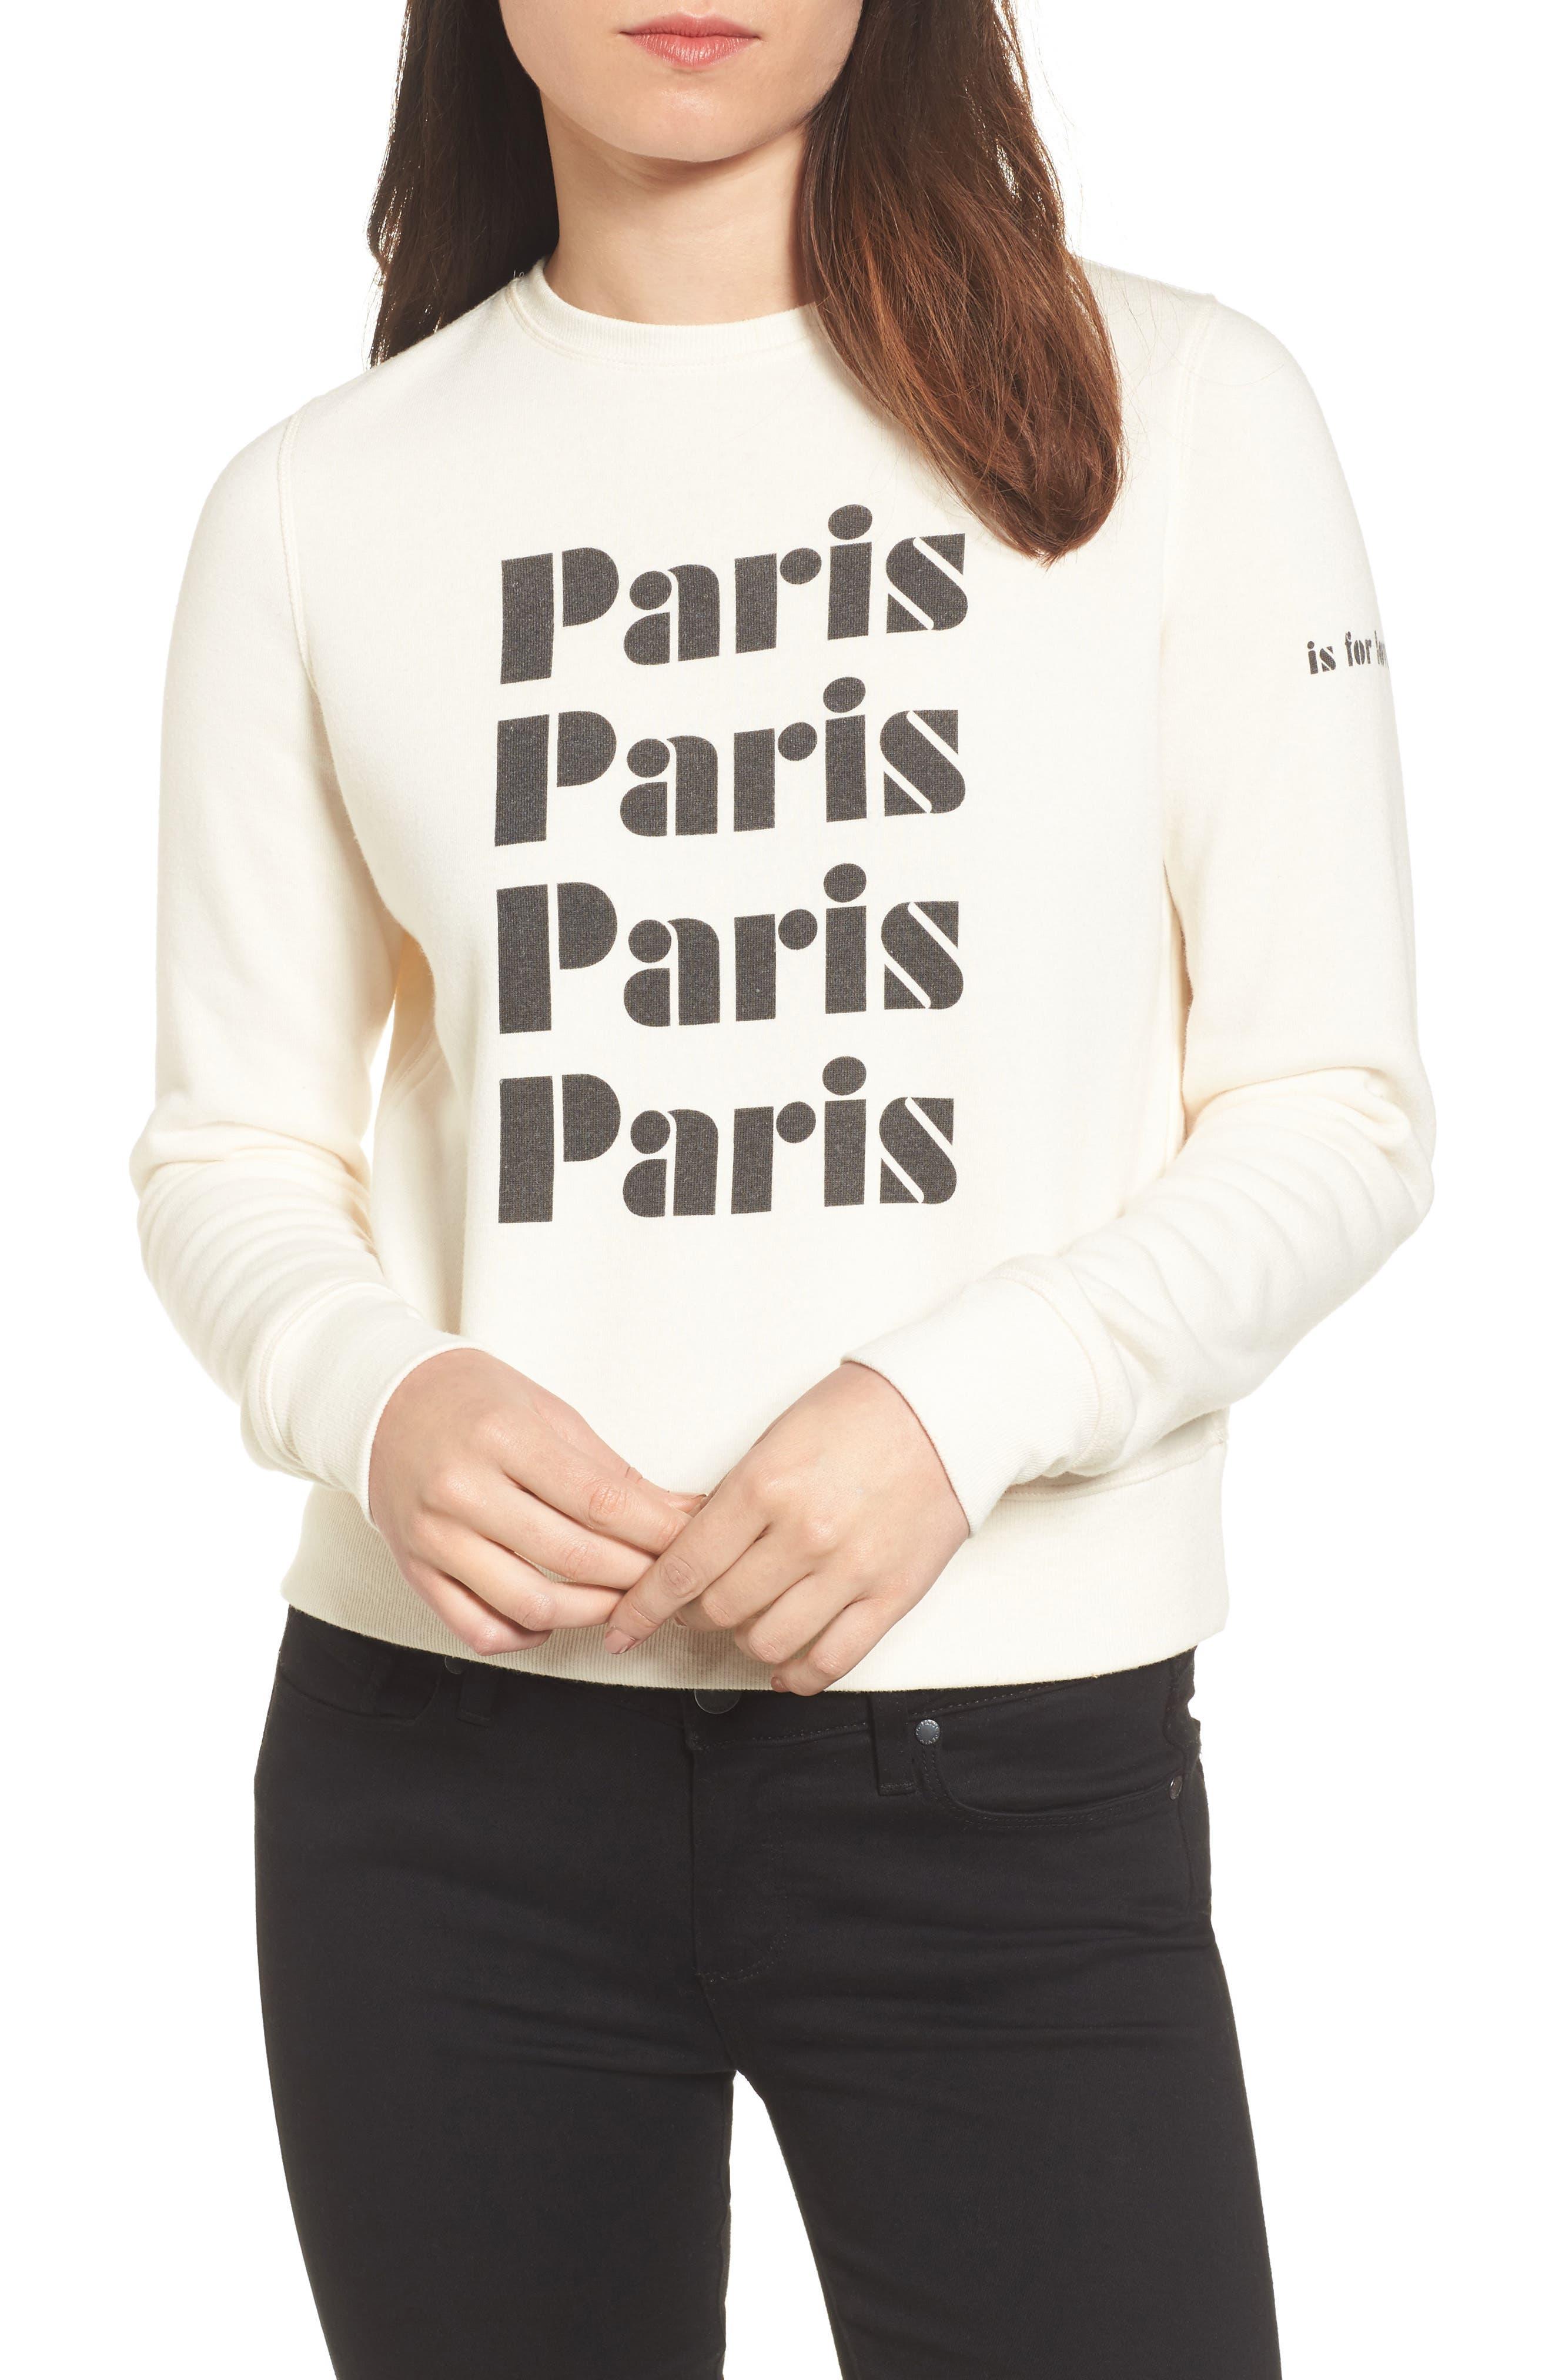 Paris Sweatshirt,                             Main thumbnail 1, color,                             Off White/ Black